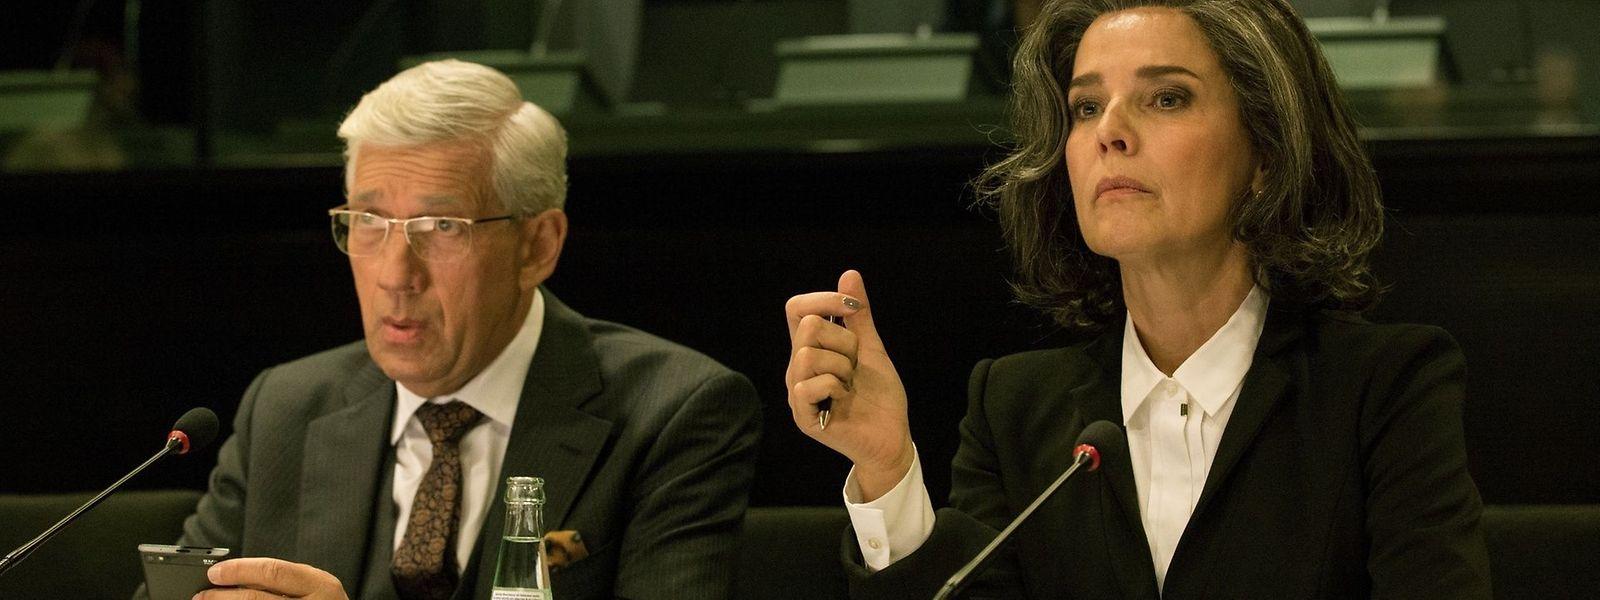 """Die Luxemburger Koproduktion """"Bad Banks"""" hat bereits angesehene Auszeichnungen gewonnen, darunter fünf Grimme-Preise."""